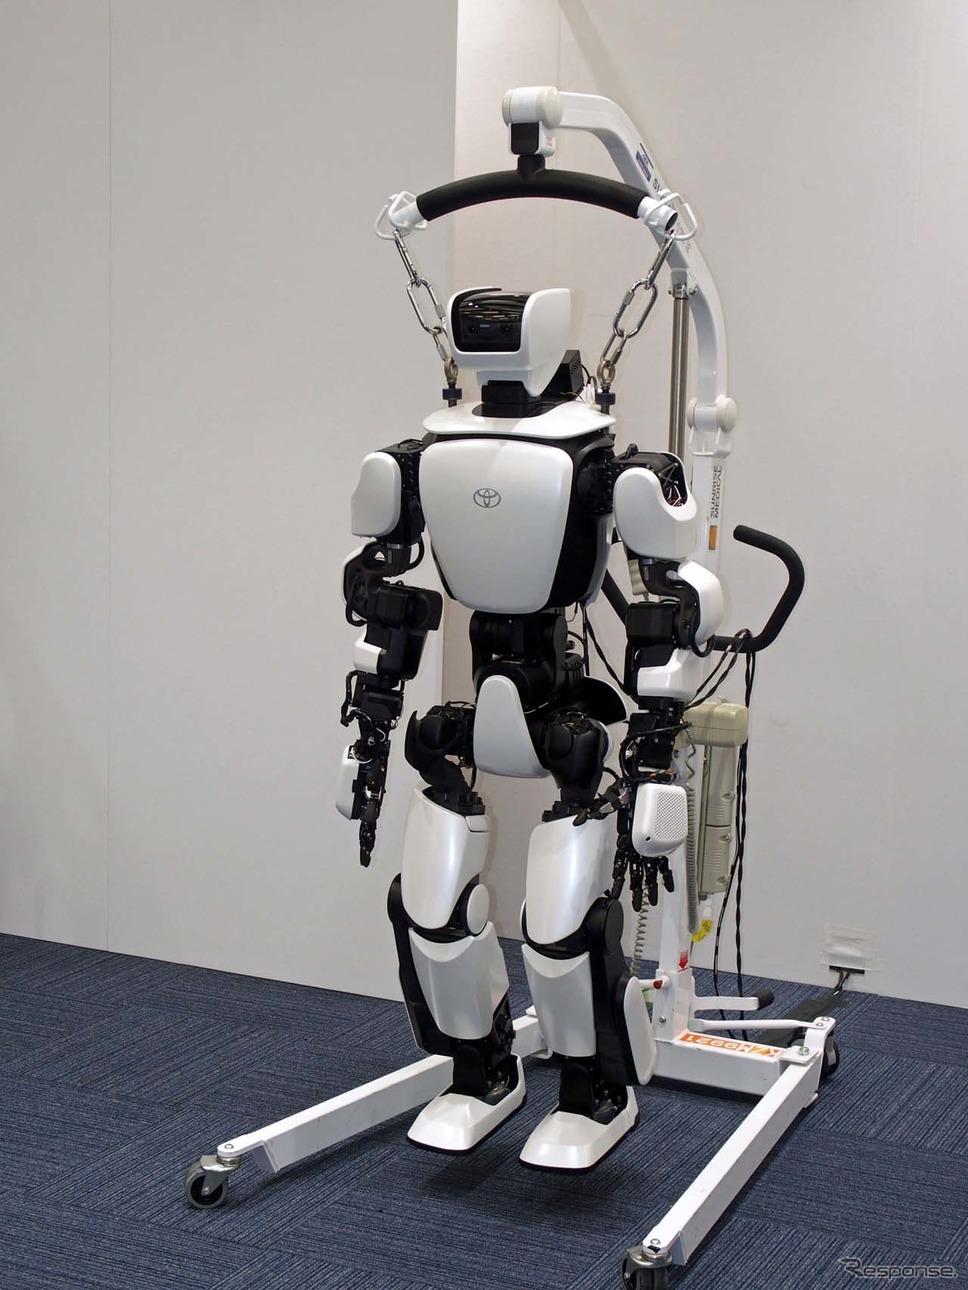 ヒューマノイドロボットの「T-HR3」。倒れることも想定して吊り下げて使われる予定